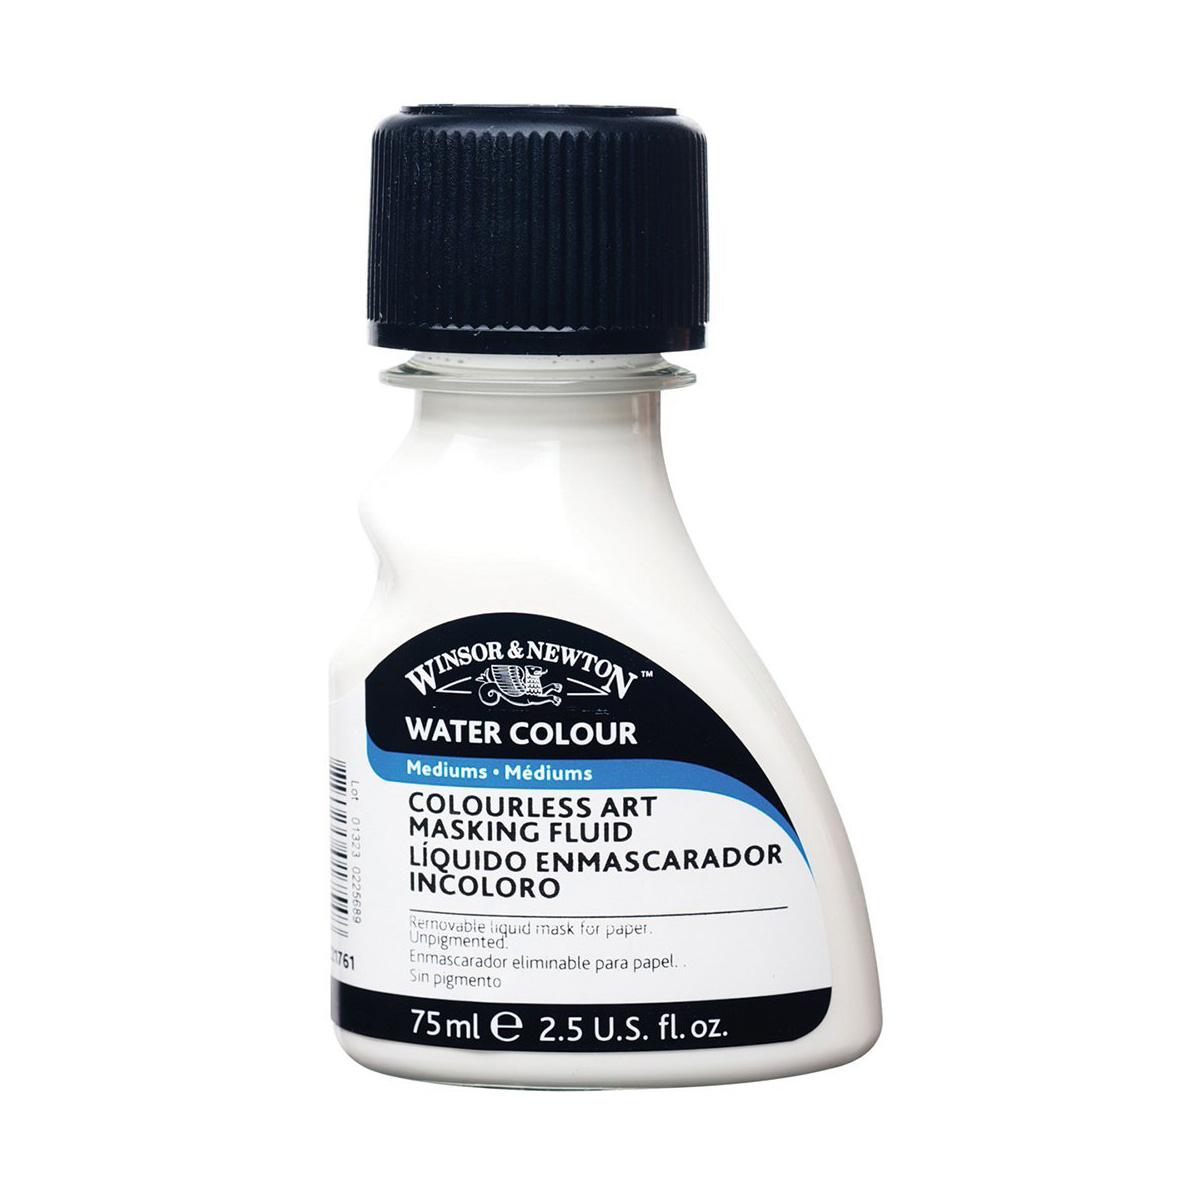 ウィンザー & ニュートン水彩アート マスキング流体無色 75 ml